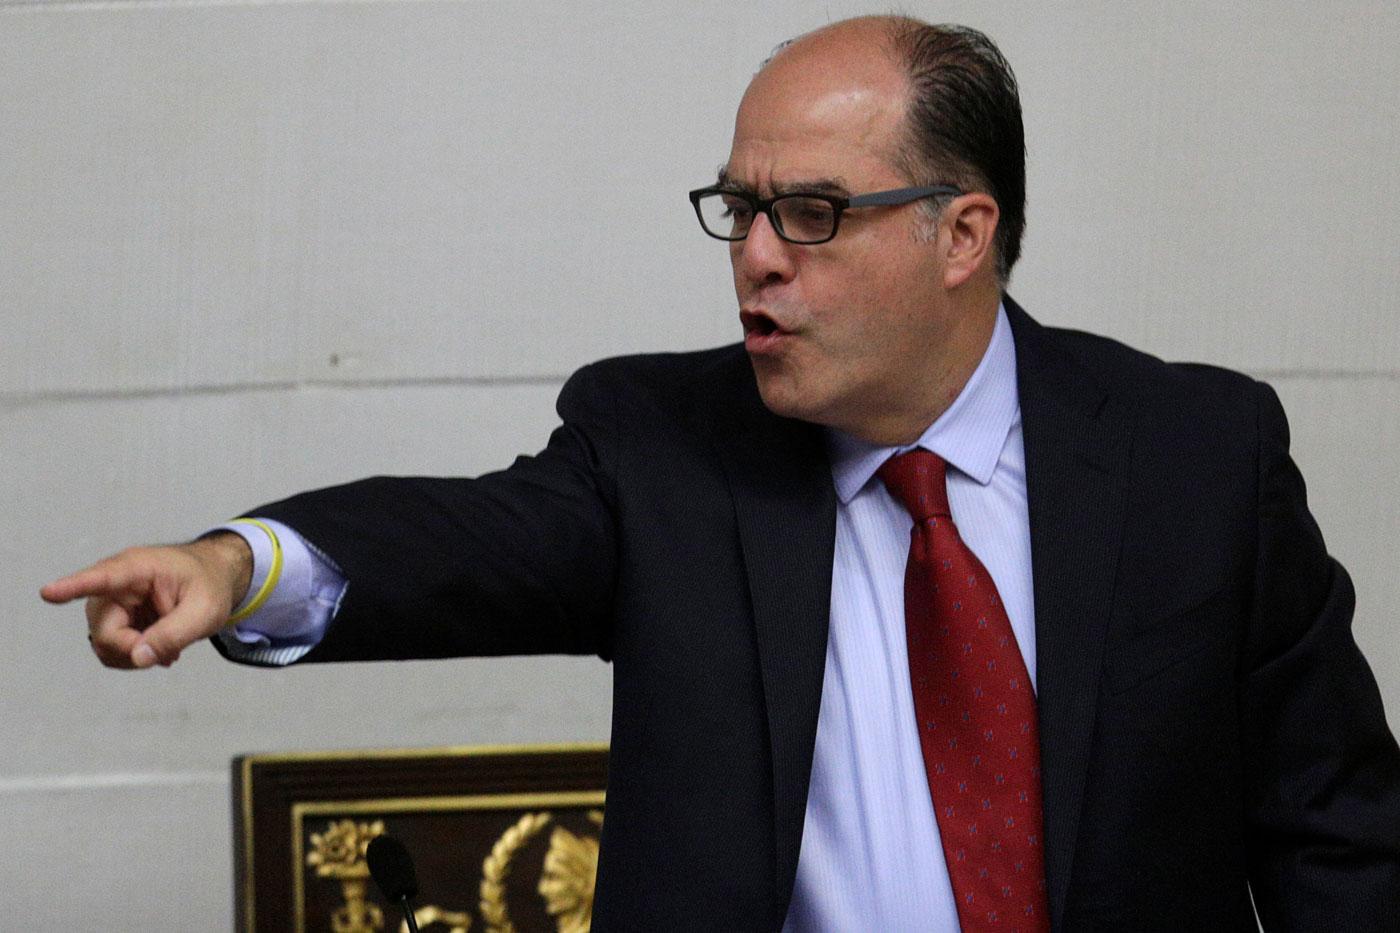 El presidente de la Asamblea Nacional de Venezuela, diputado Julio Borges. Foto: Reuters/ Archivo